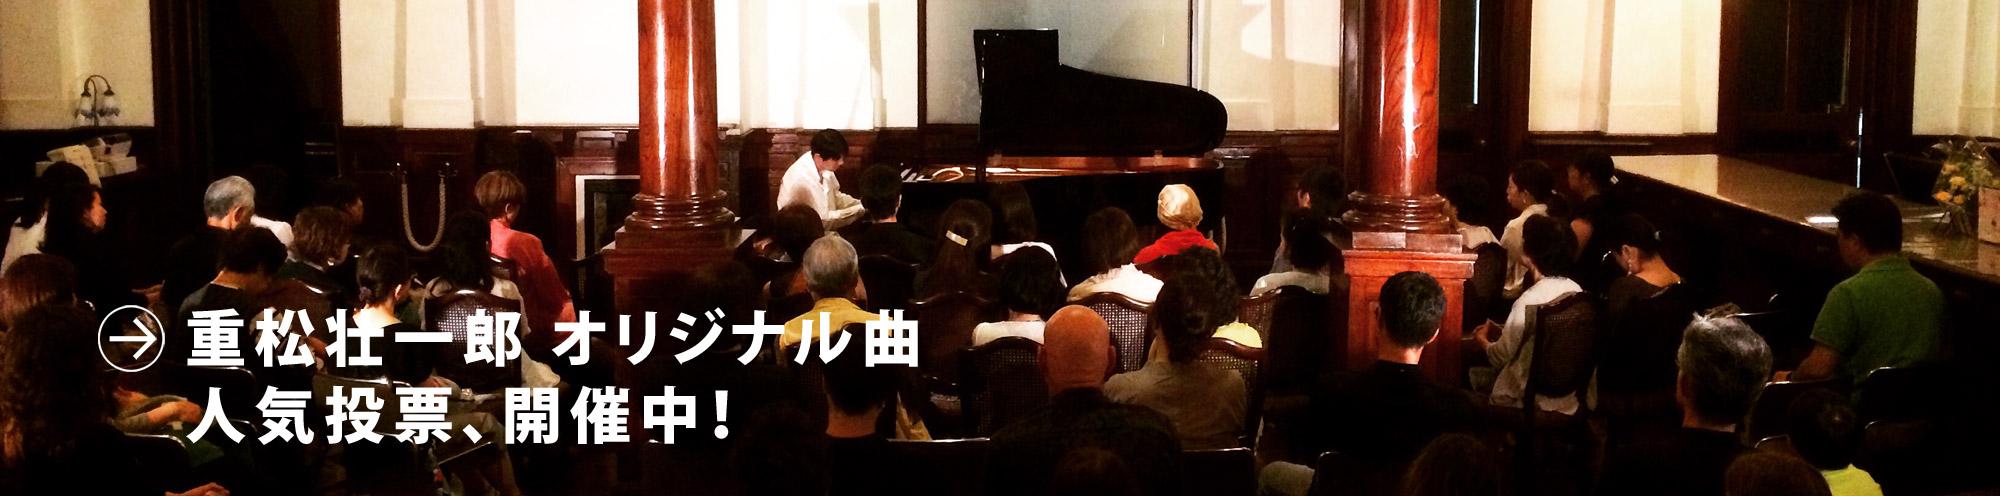 重松壮一郎 オリジナル曲 人気投票、開催中!